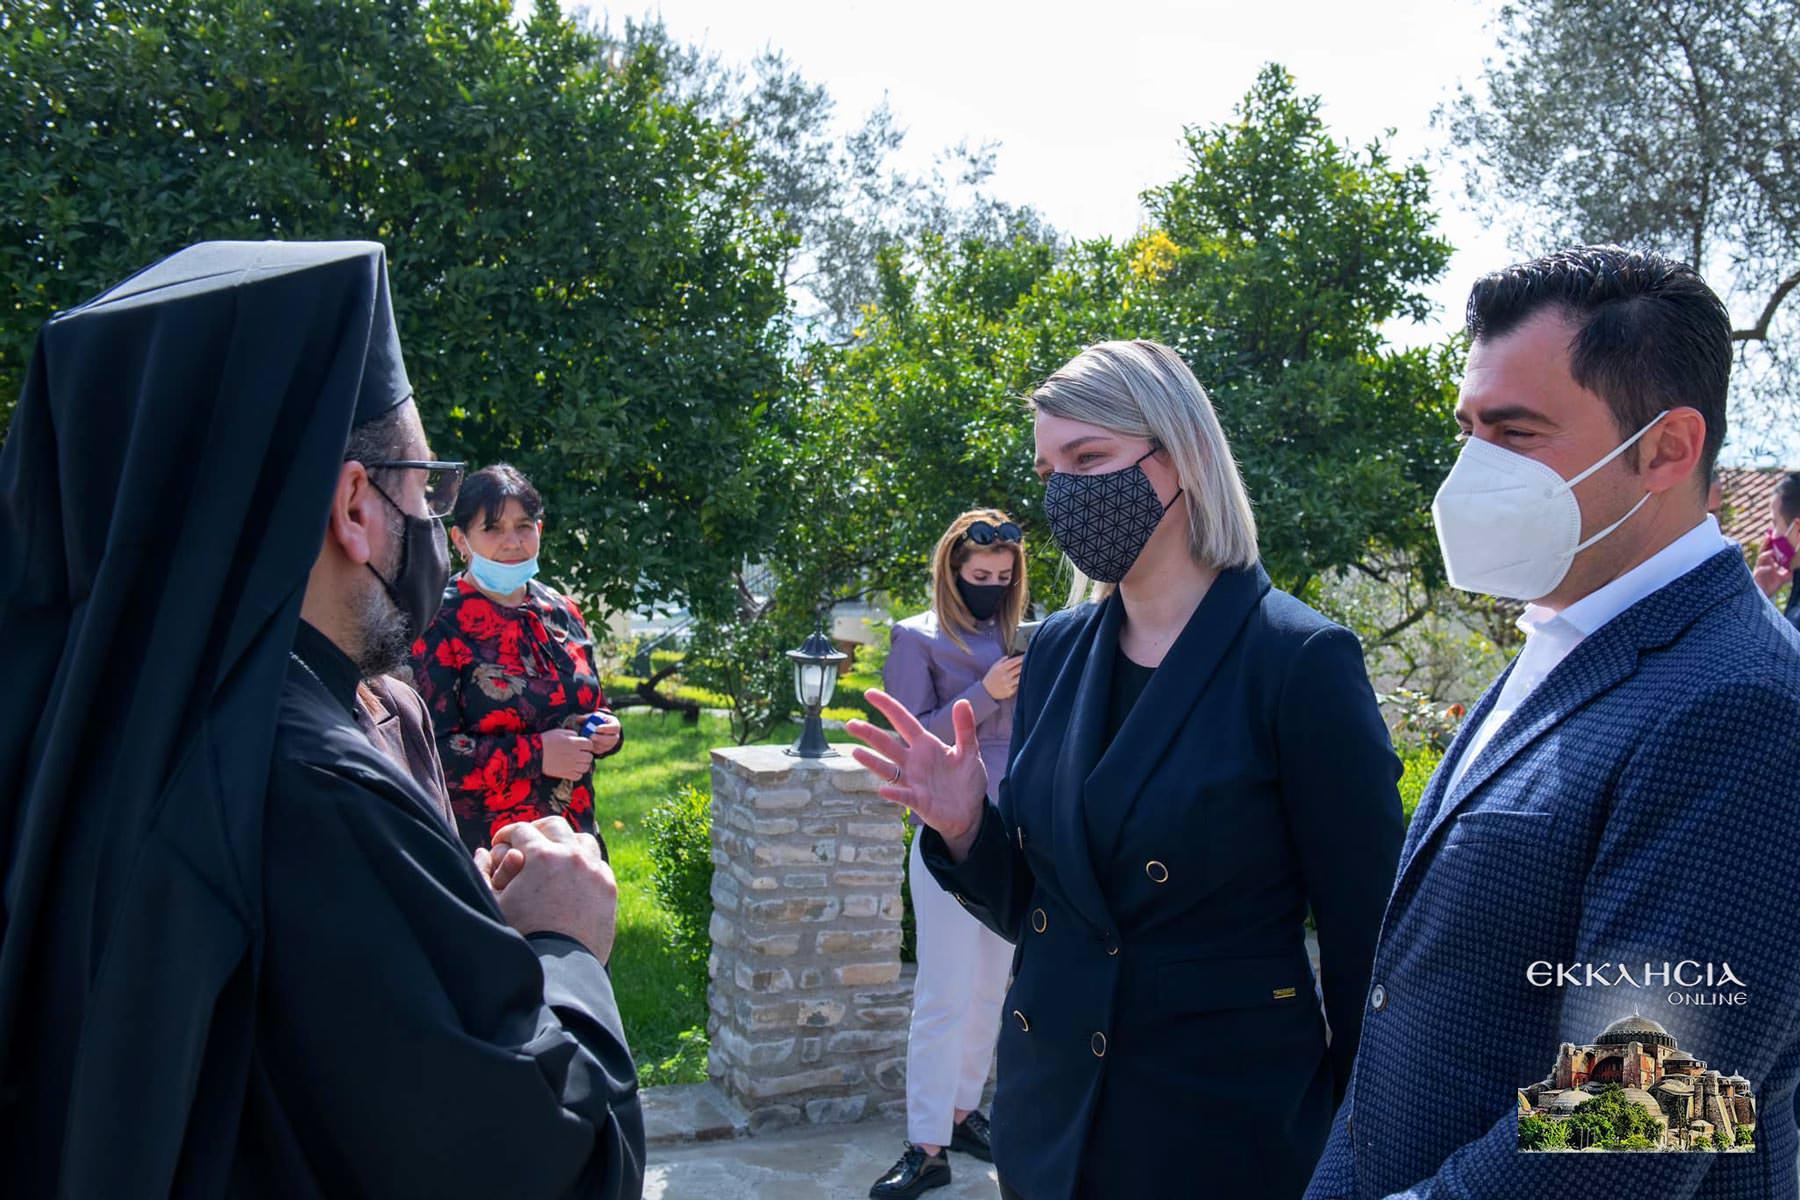 Μητροπολίτης Αντώνιος Υπουργός Έλβα Μαργαρίτι